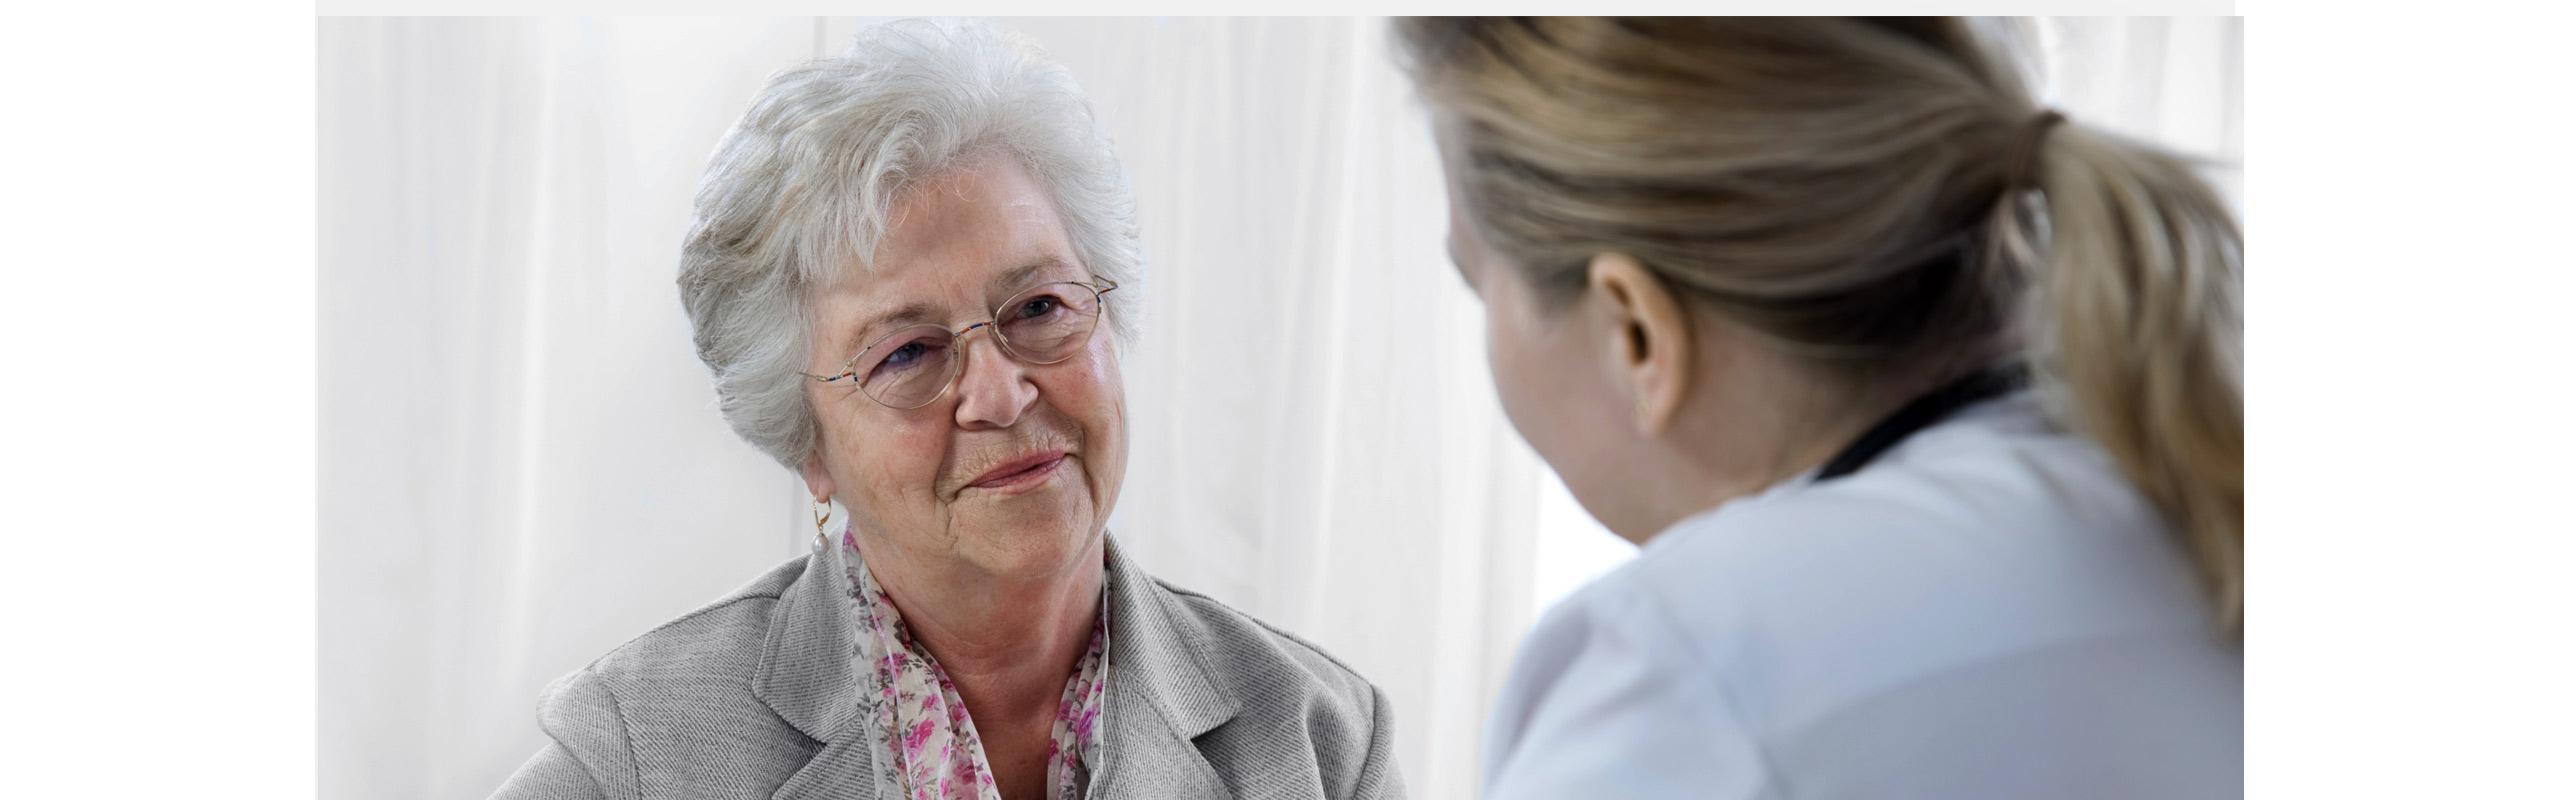 Alzheimer : Comment le dire à votre famille et vos amis